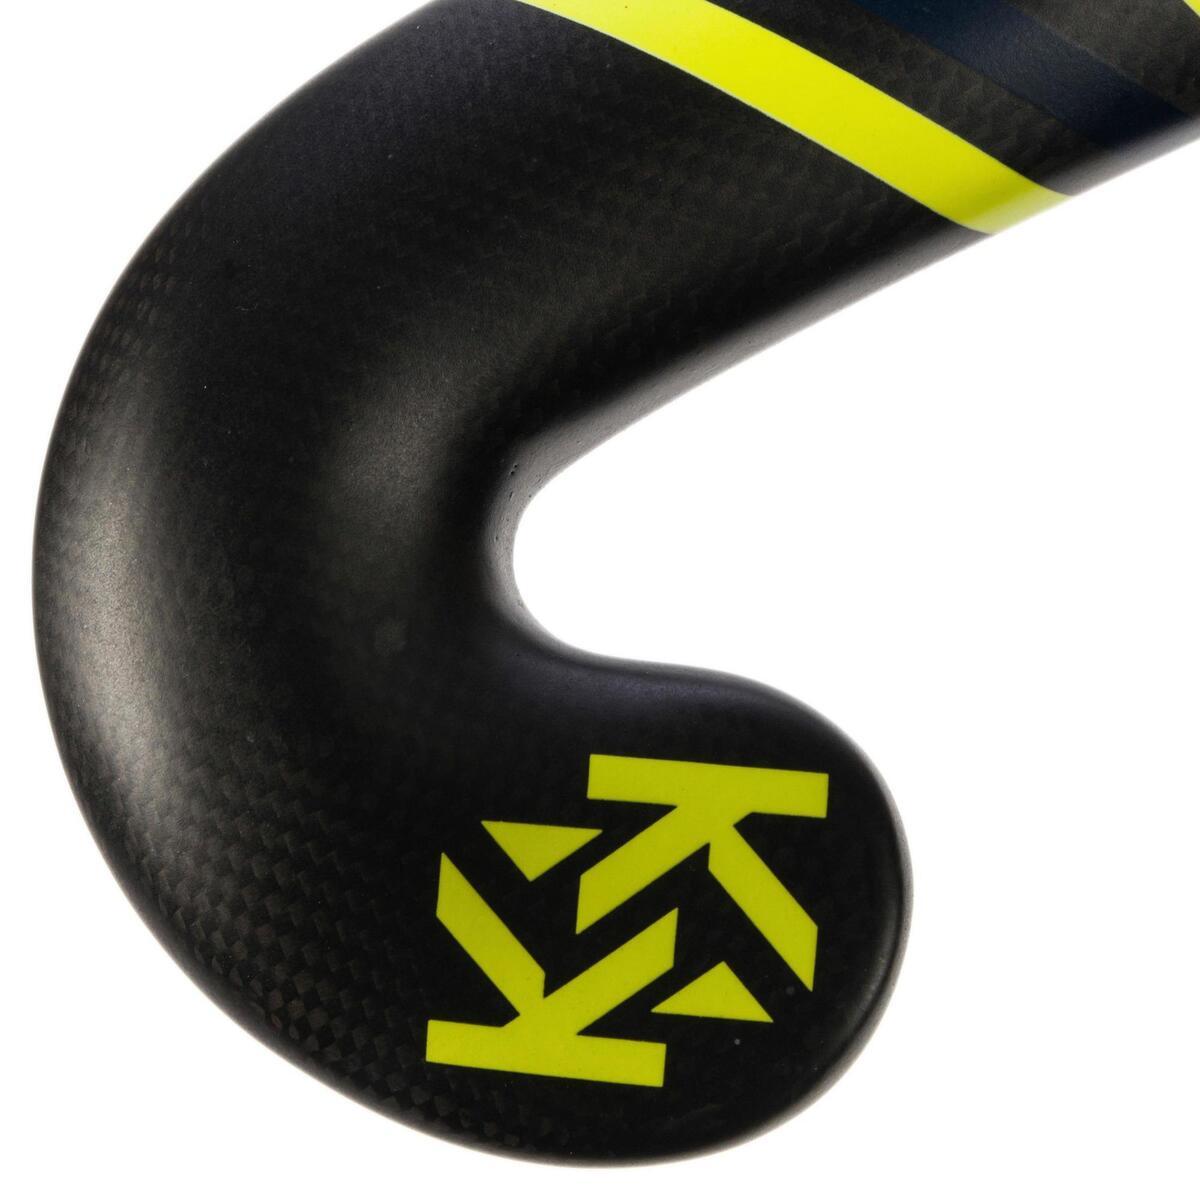 Bild 4 von Feldhockeyschläger FH900 Erwachsene Low Bow 95% Carbon gelb